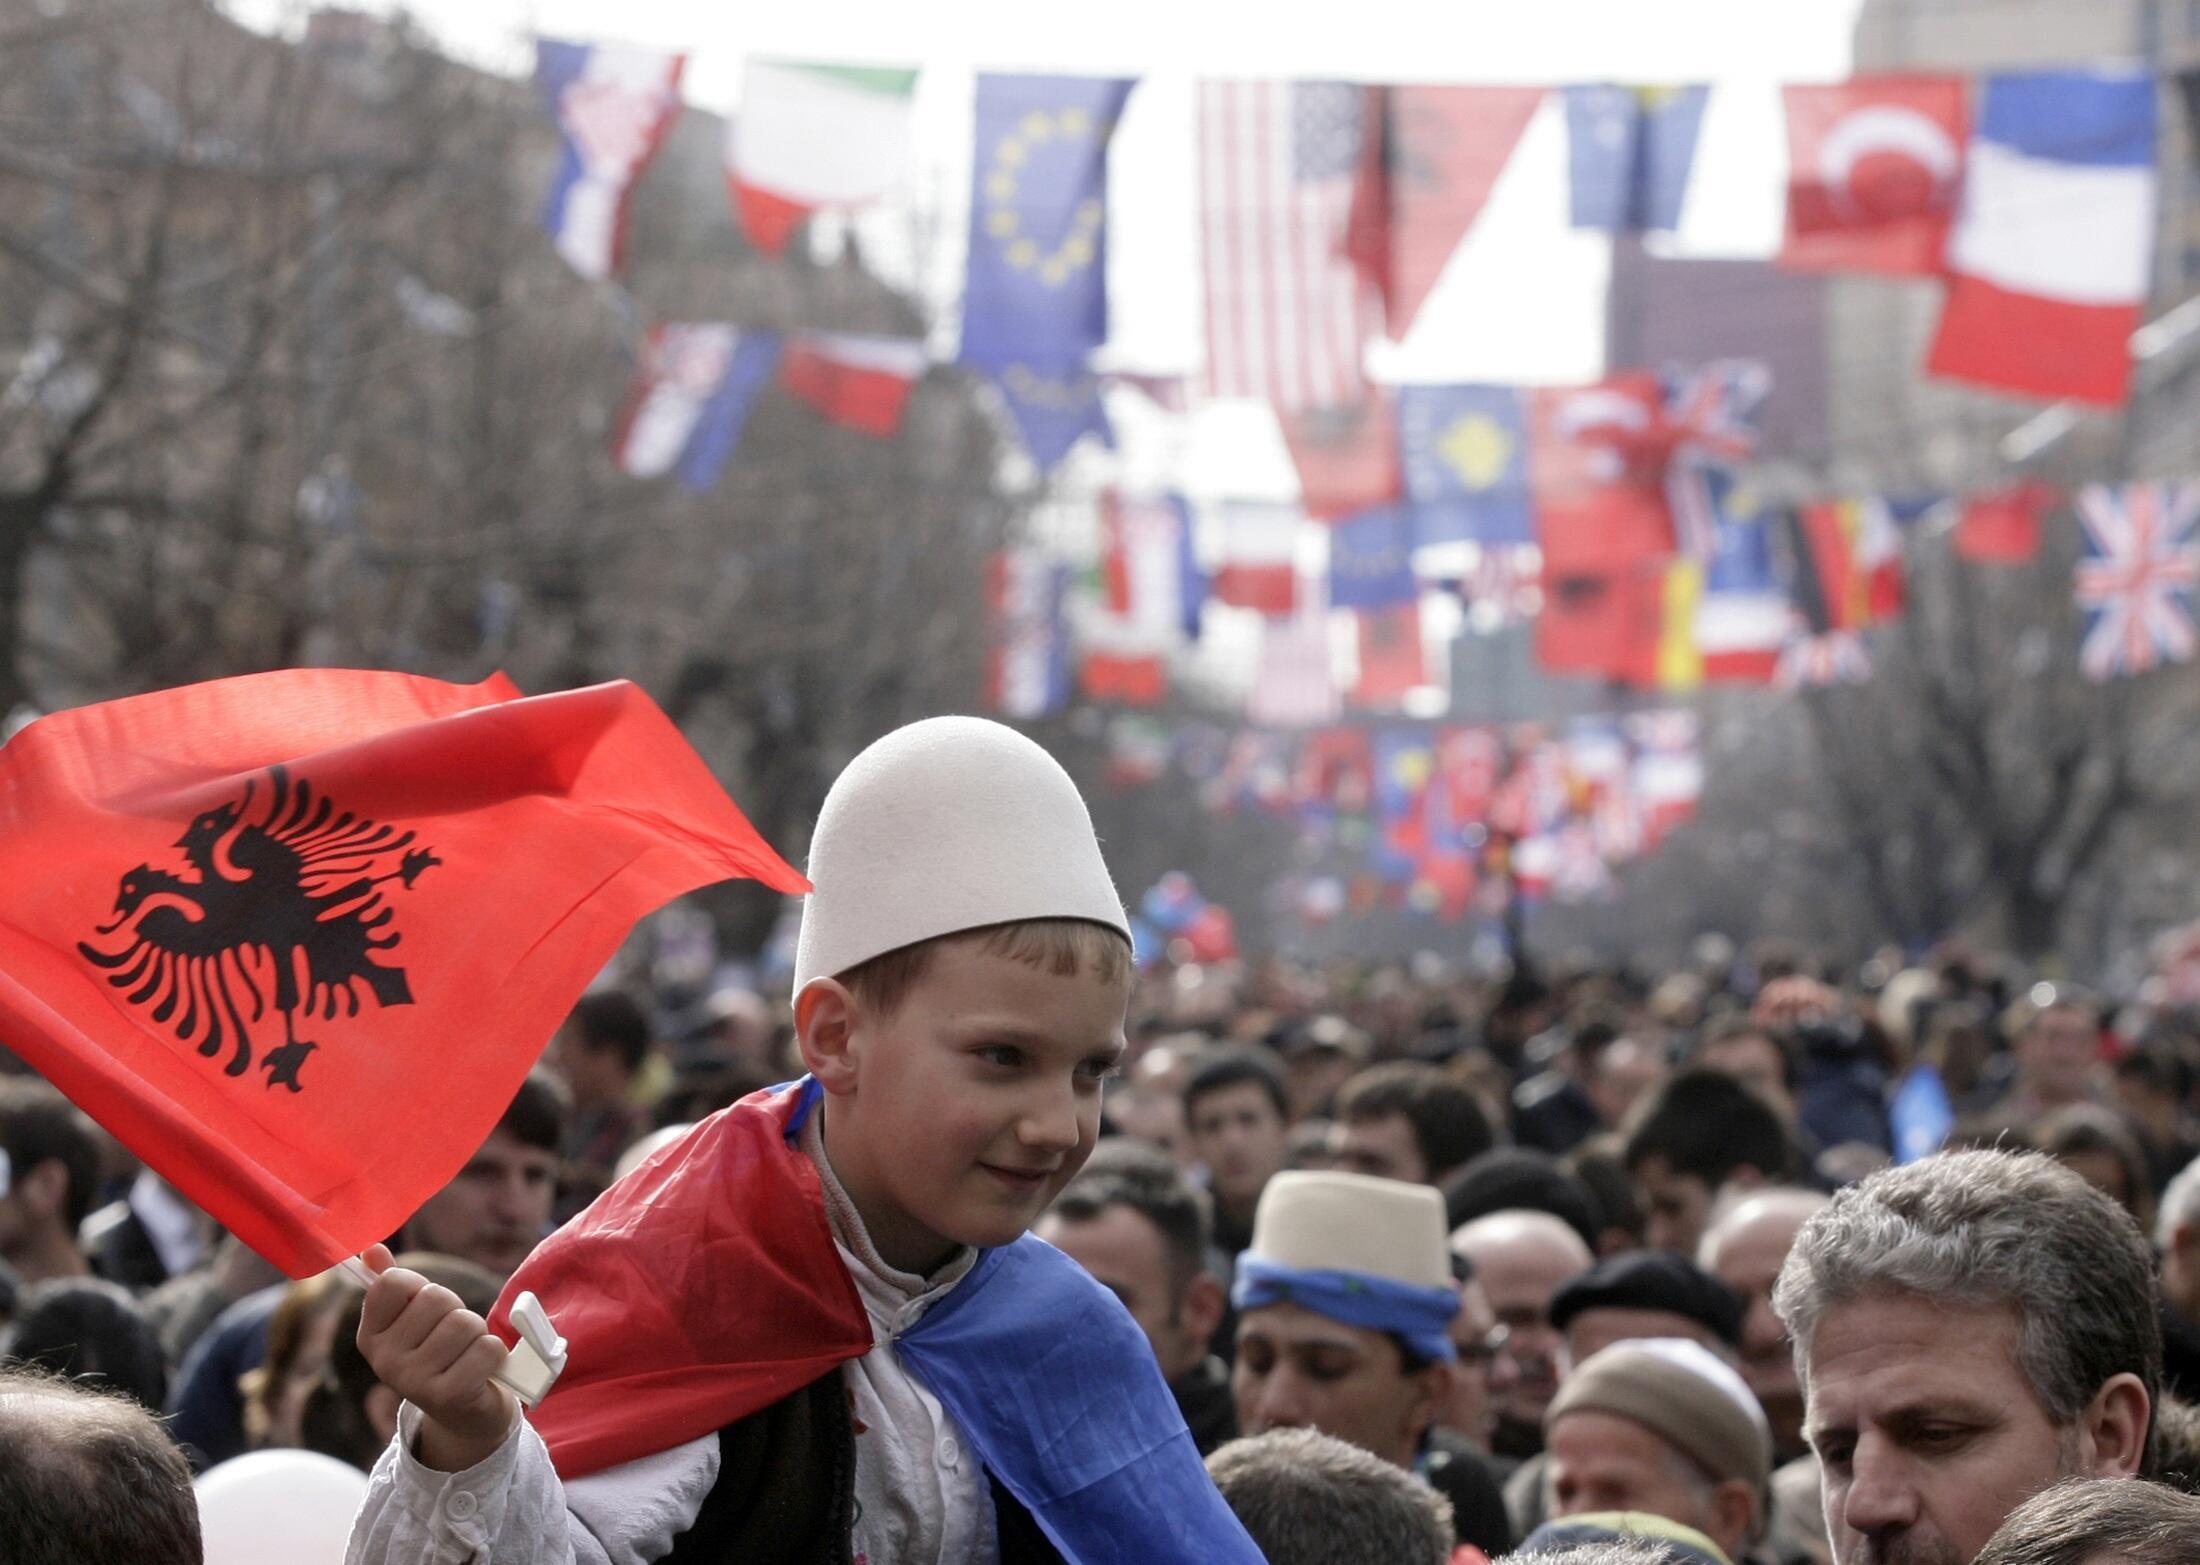 Người dân Kosovo mừng 3 năm độc lập, tách khỏi Serbia. Ảnh chụp ngày 17/02/2011.